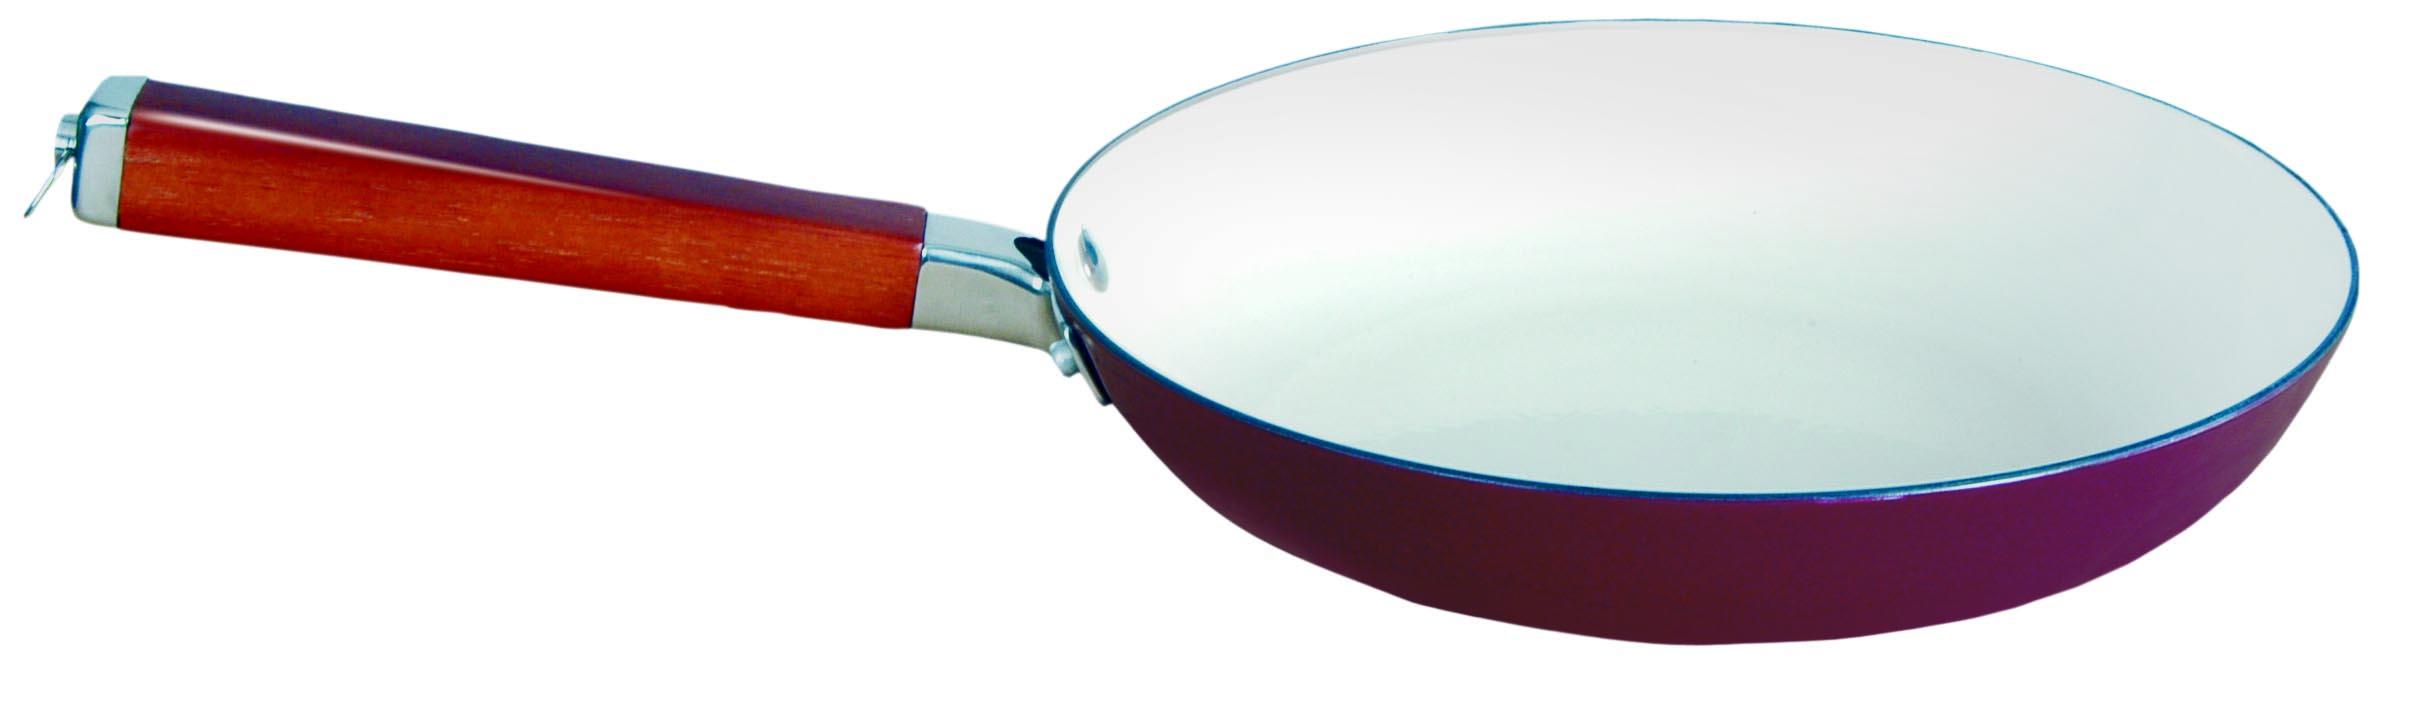 Сковорода Winner, чугунная, цвет: бордо. Диаметр 24 смWR-6201Сковорода Winner выполнена из высококачественного чугуна и внутри и снаружи покрыта эмалью, благодаря которому приобретает уникальные свойства и эксплуатационные характеристики. Сковорода имеет удобную эргономичную ручку, выполненную из сочетания дерева и нержавеющей стали.В процессе приготовления рекомендуется использовать деревянные или пластиковые лопатки.Не используйте металлические губки и острые предметы, чтобы удалить остатки пищи с посуды, а также отбеливатели и моющие средства содержащие хлор. Подходит для использования на индукционной плите. Рекомендована ручная чистка. Характеристики:Материал: чугун, дерево, нержавеющая сталь. Диаметр сковороды: 24 см. Высота стенки: 5 см. Длина ручки: 19 см. Производитель: Китай. Размер упаковки: 44 см х 25 см х 5 см. Артикул: WR-6201.